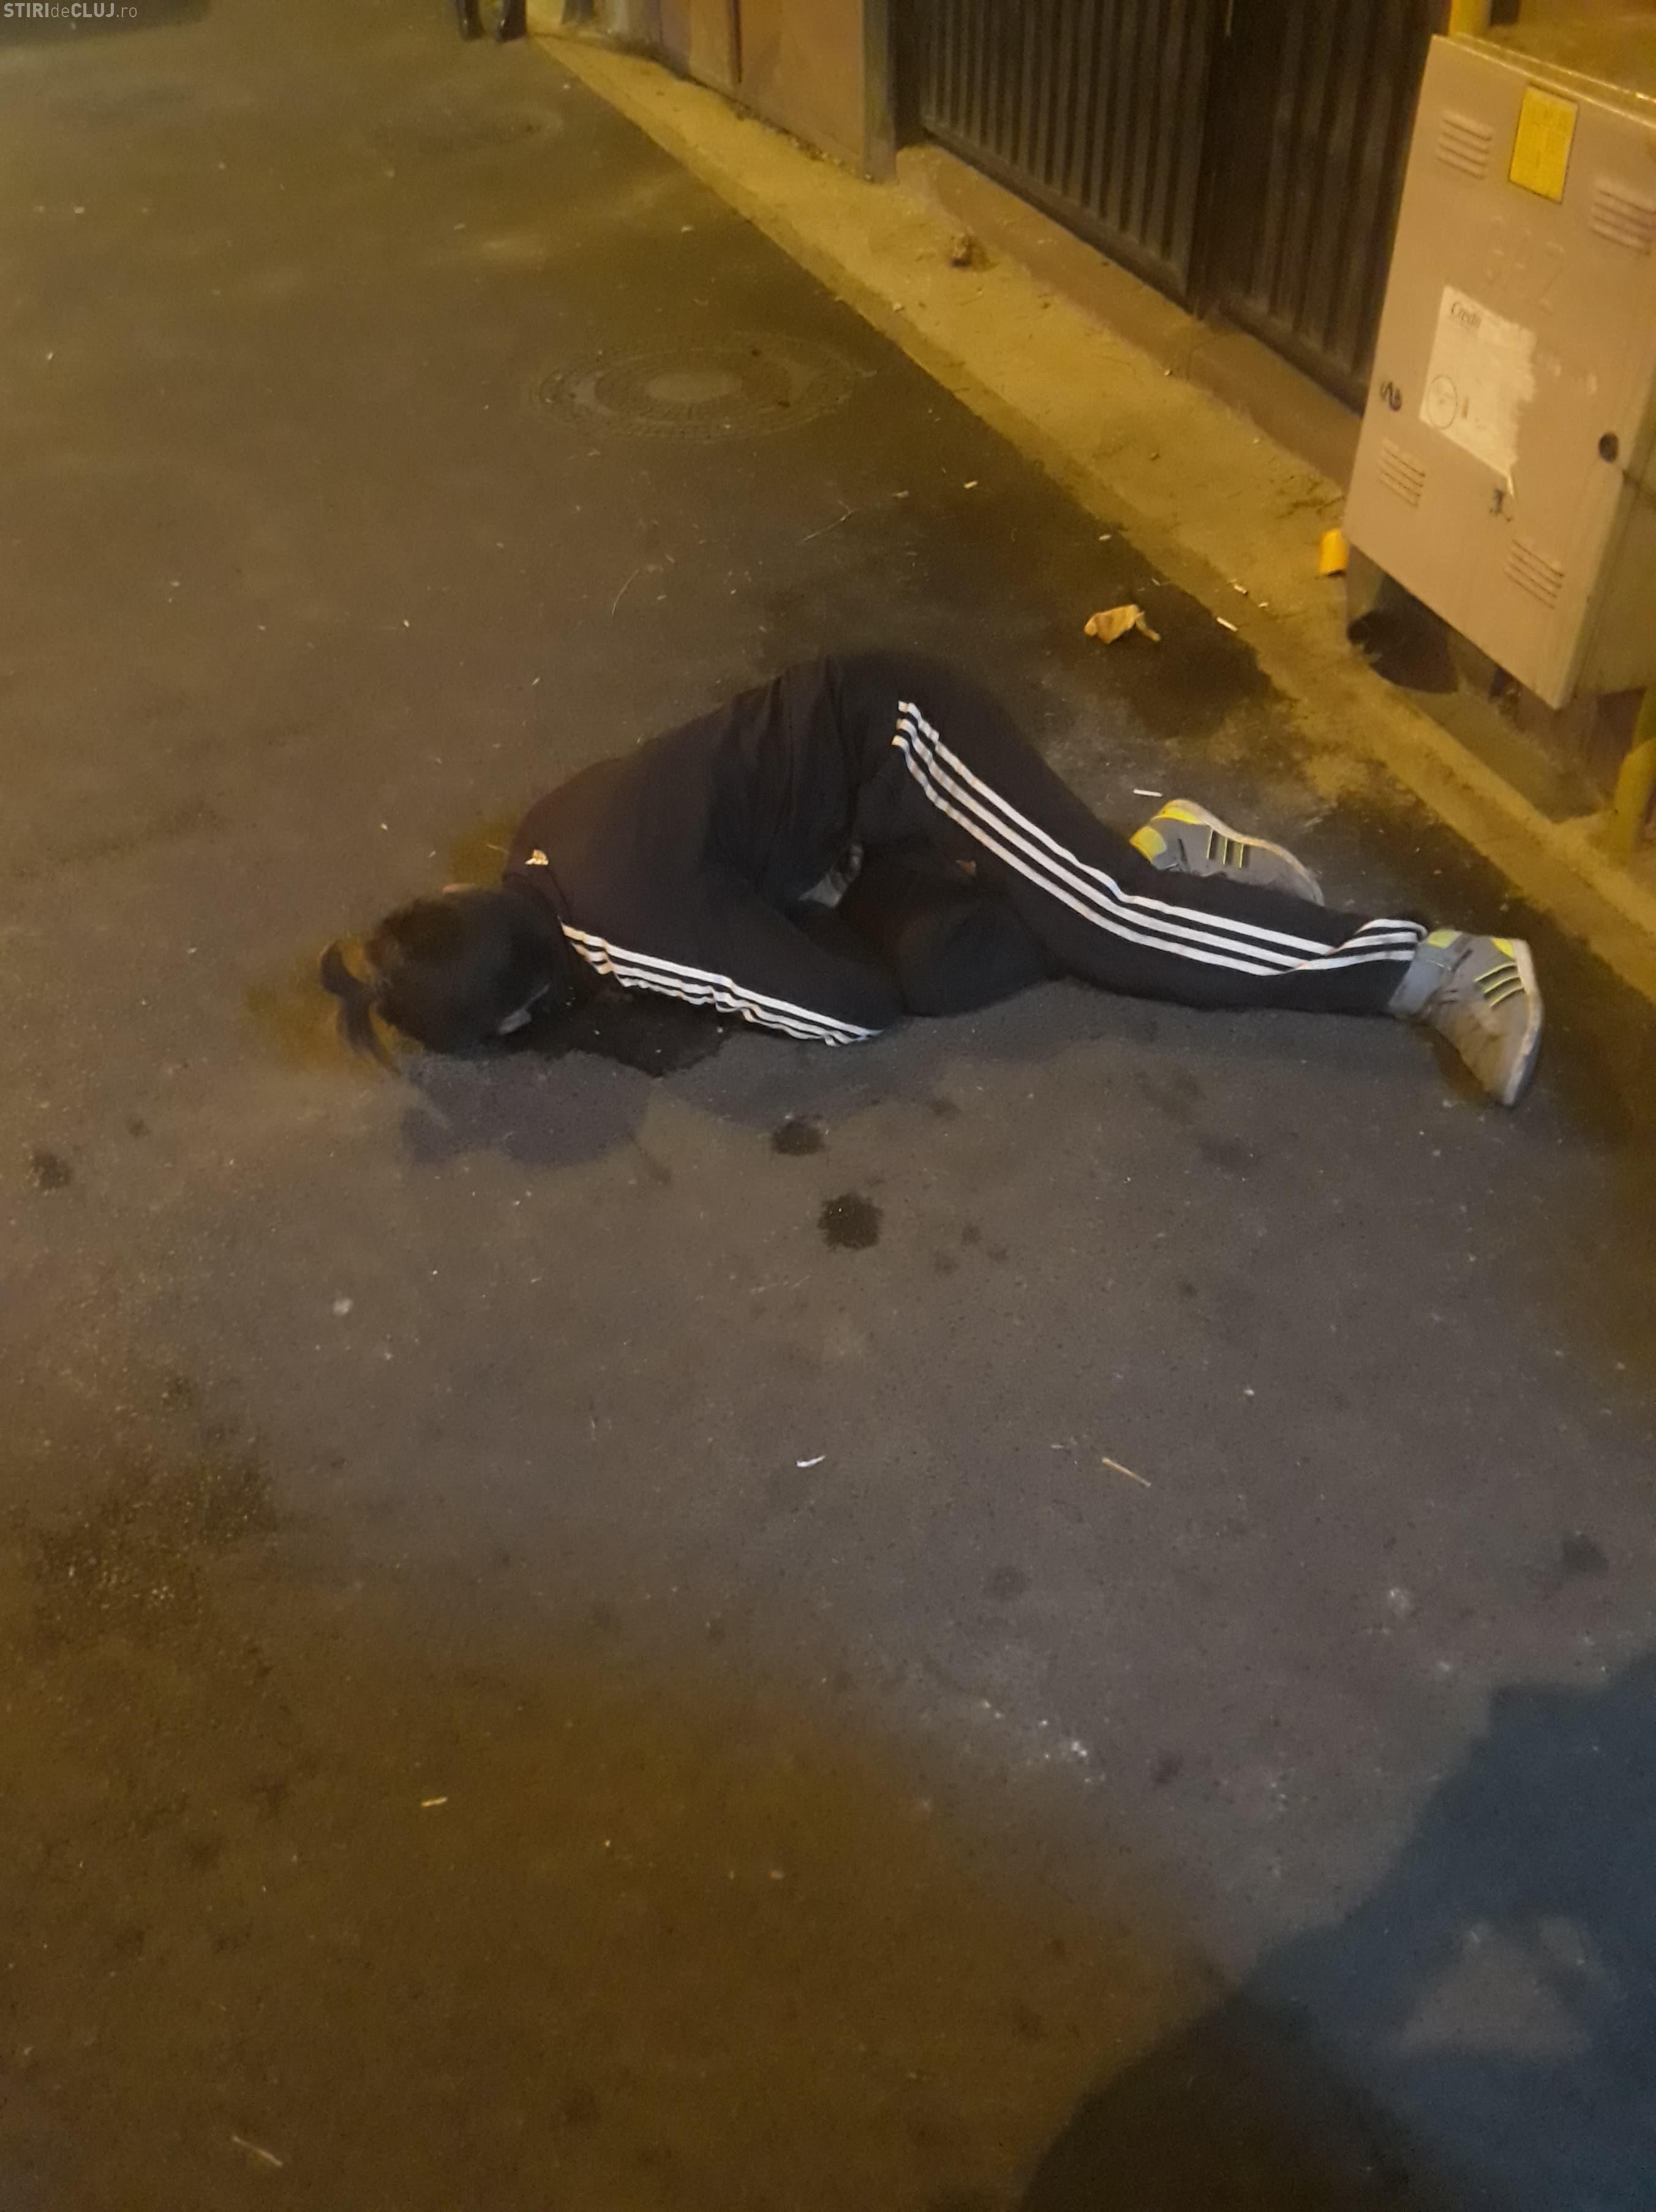 Drogați Zombie nu mai sunt o noutate pentru Cluj. Nimeni nu l-a ajutat - VIDEO